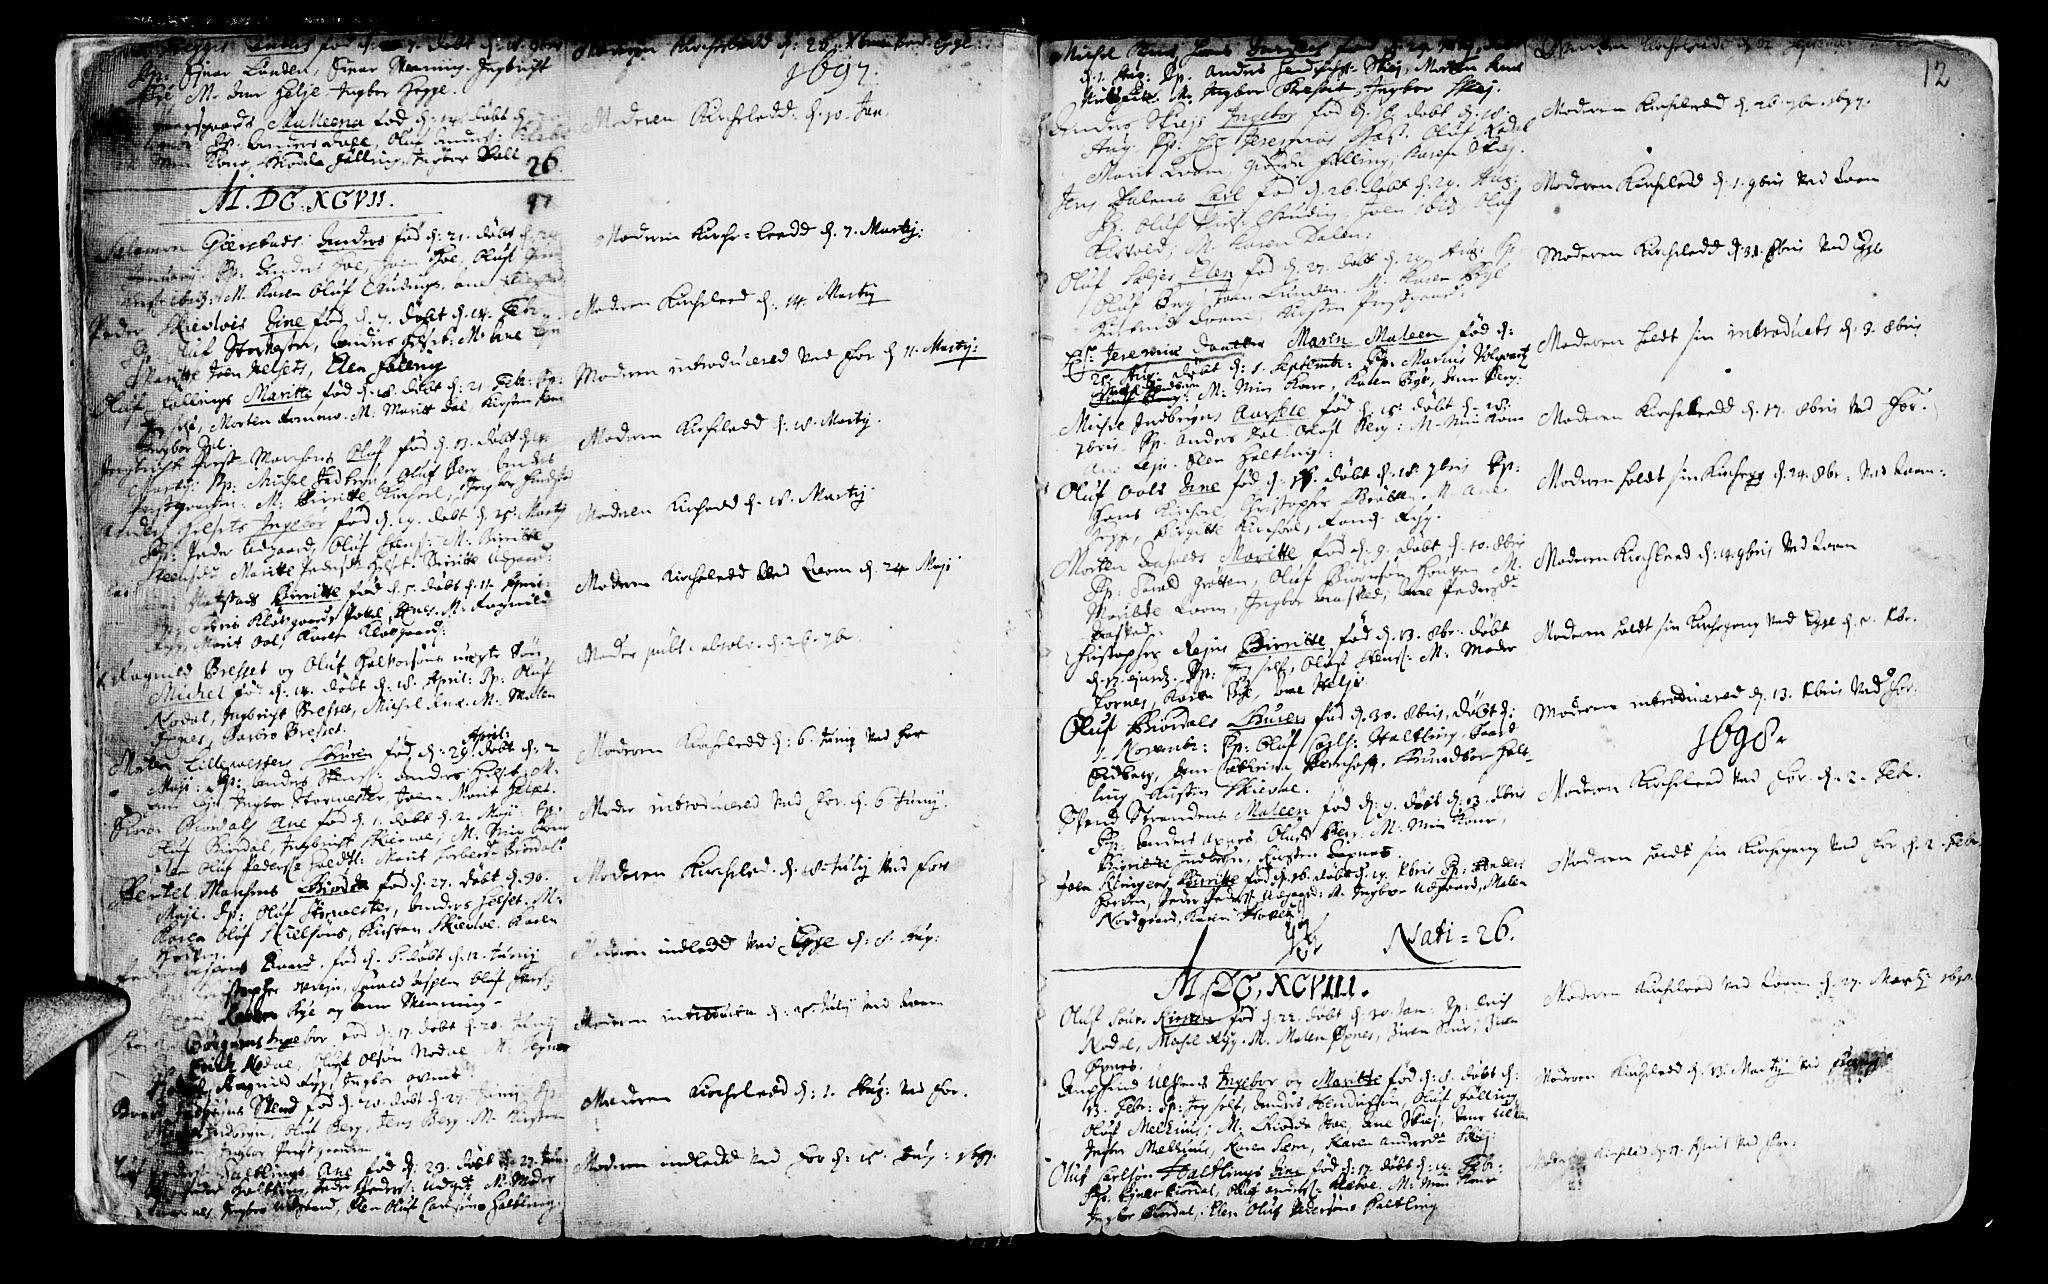 SAT, Ministerialprotokoller, klokkerbøker og fødselsregistre - Nord-Trøndelag, 746/L0439: Ministerialbok nr. 746A01, 1688-1759, s. 12